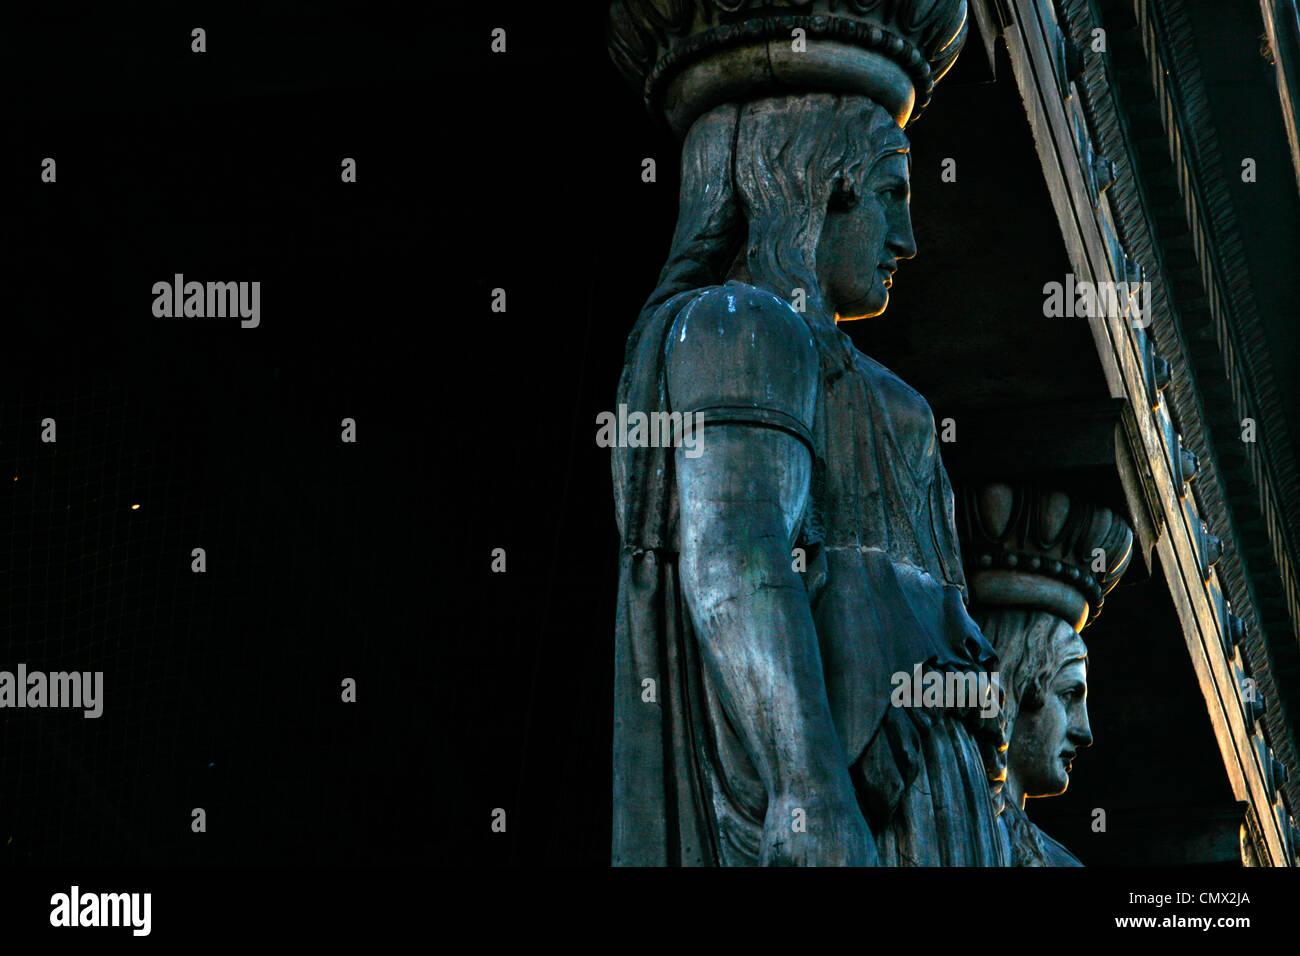 Caryatid column sculptures at St Pancras Parish church, St Pancras, London, UK - Stock Image